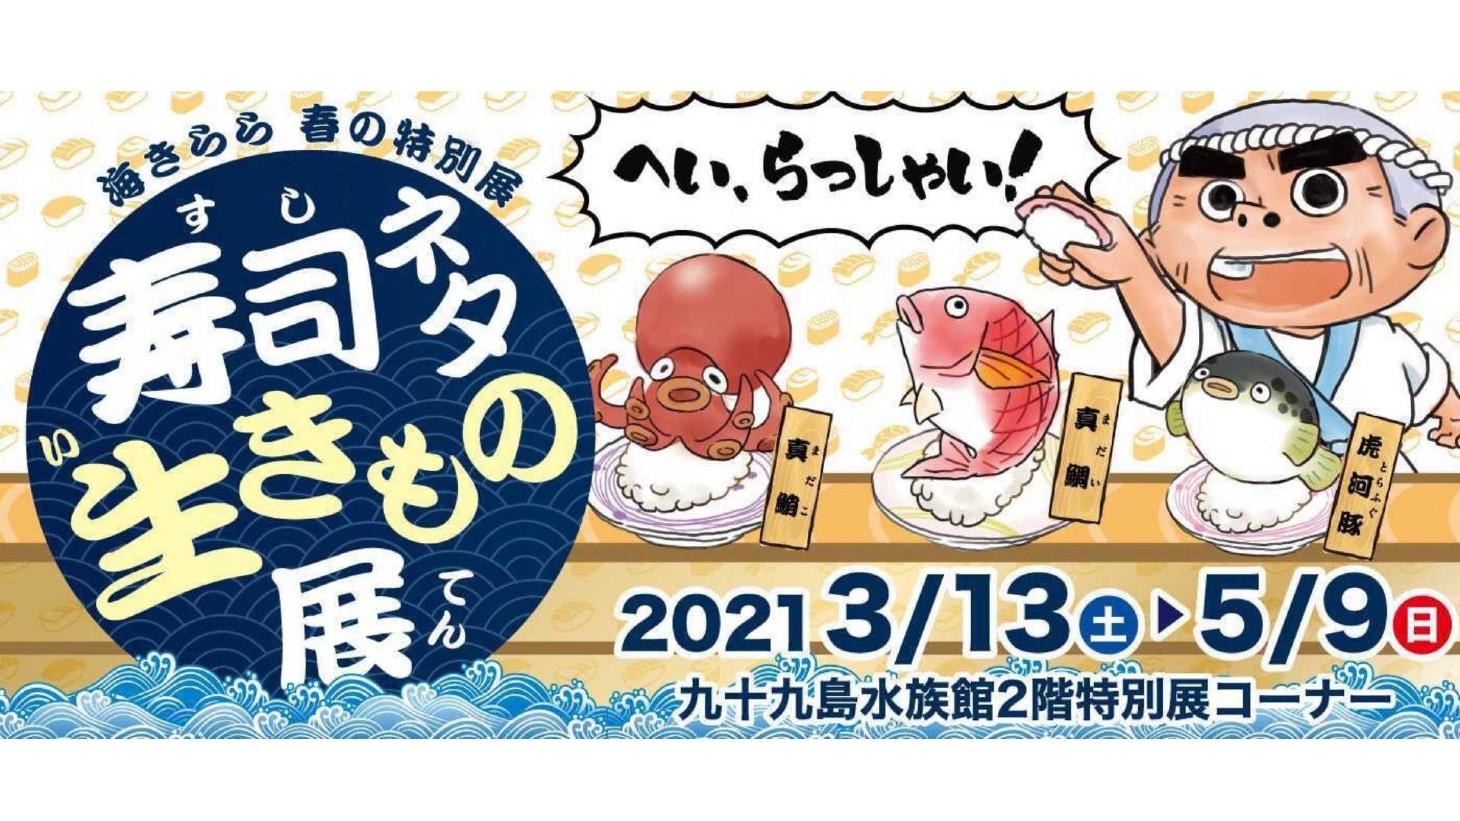 海きらら 寿司ネタ生きもの展